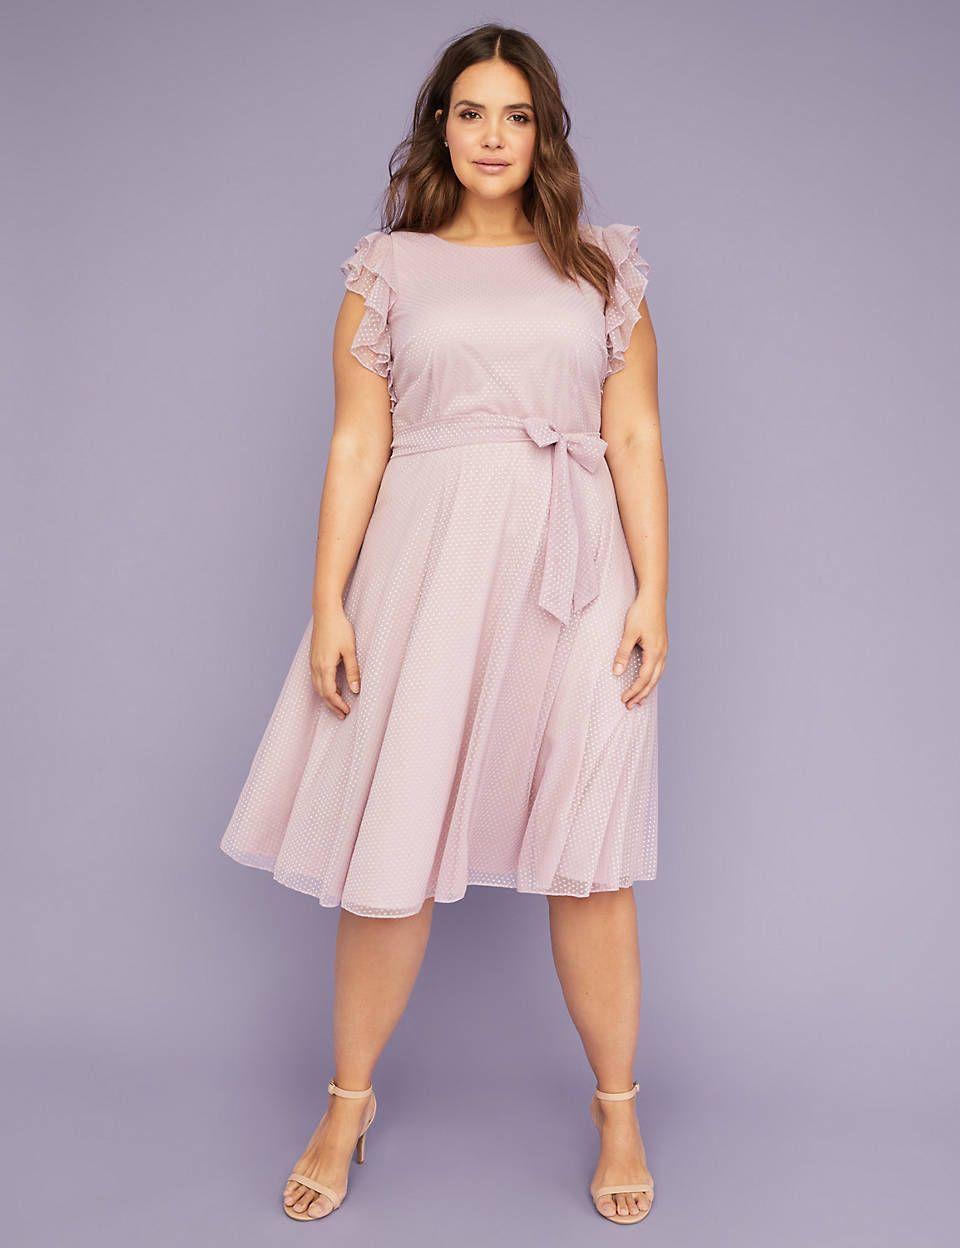 Dot Mesh Flutter Sleeve Fit & Flare Midi Dress | Lane Bryant ...